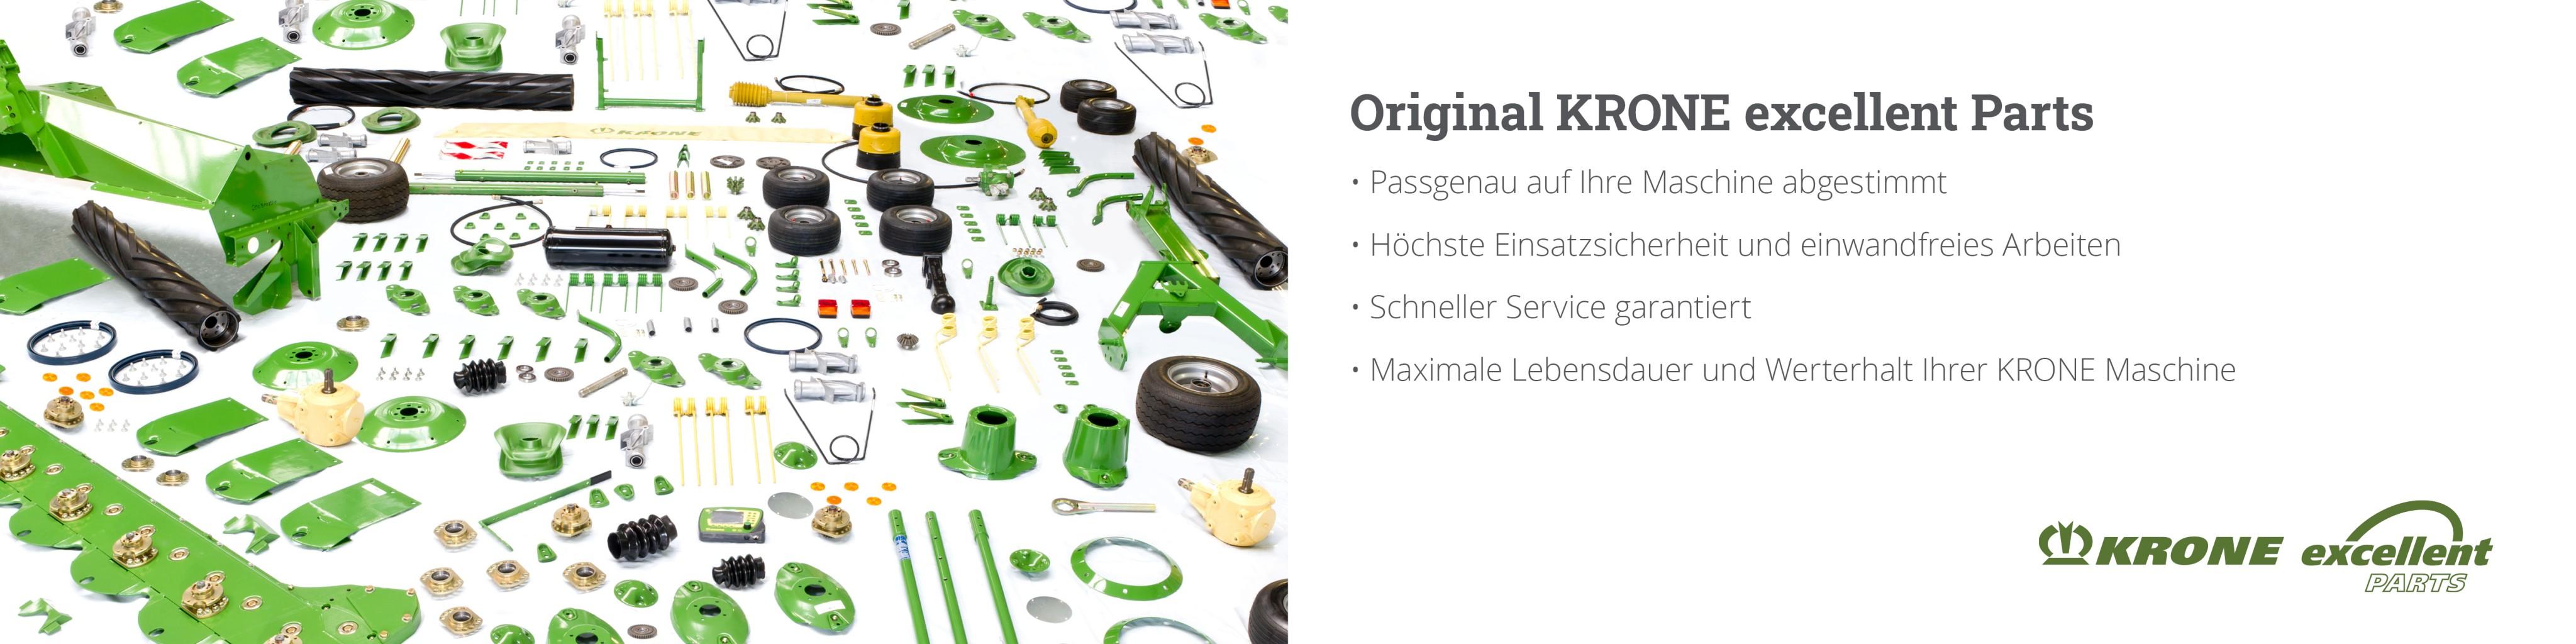 Krone Origianlersatzteile Katalog Agroparts